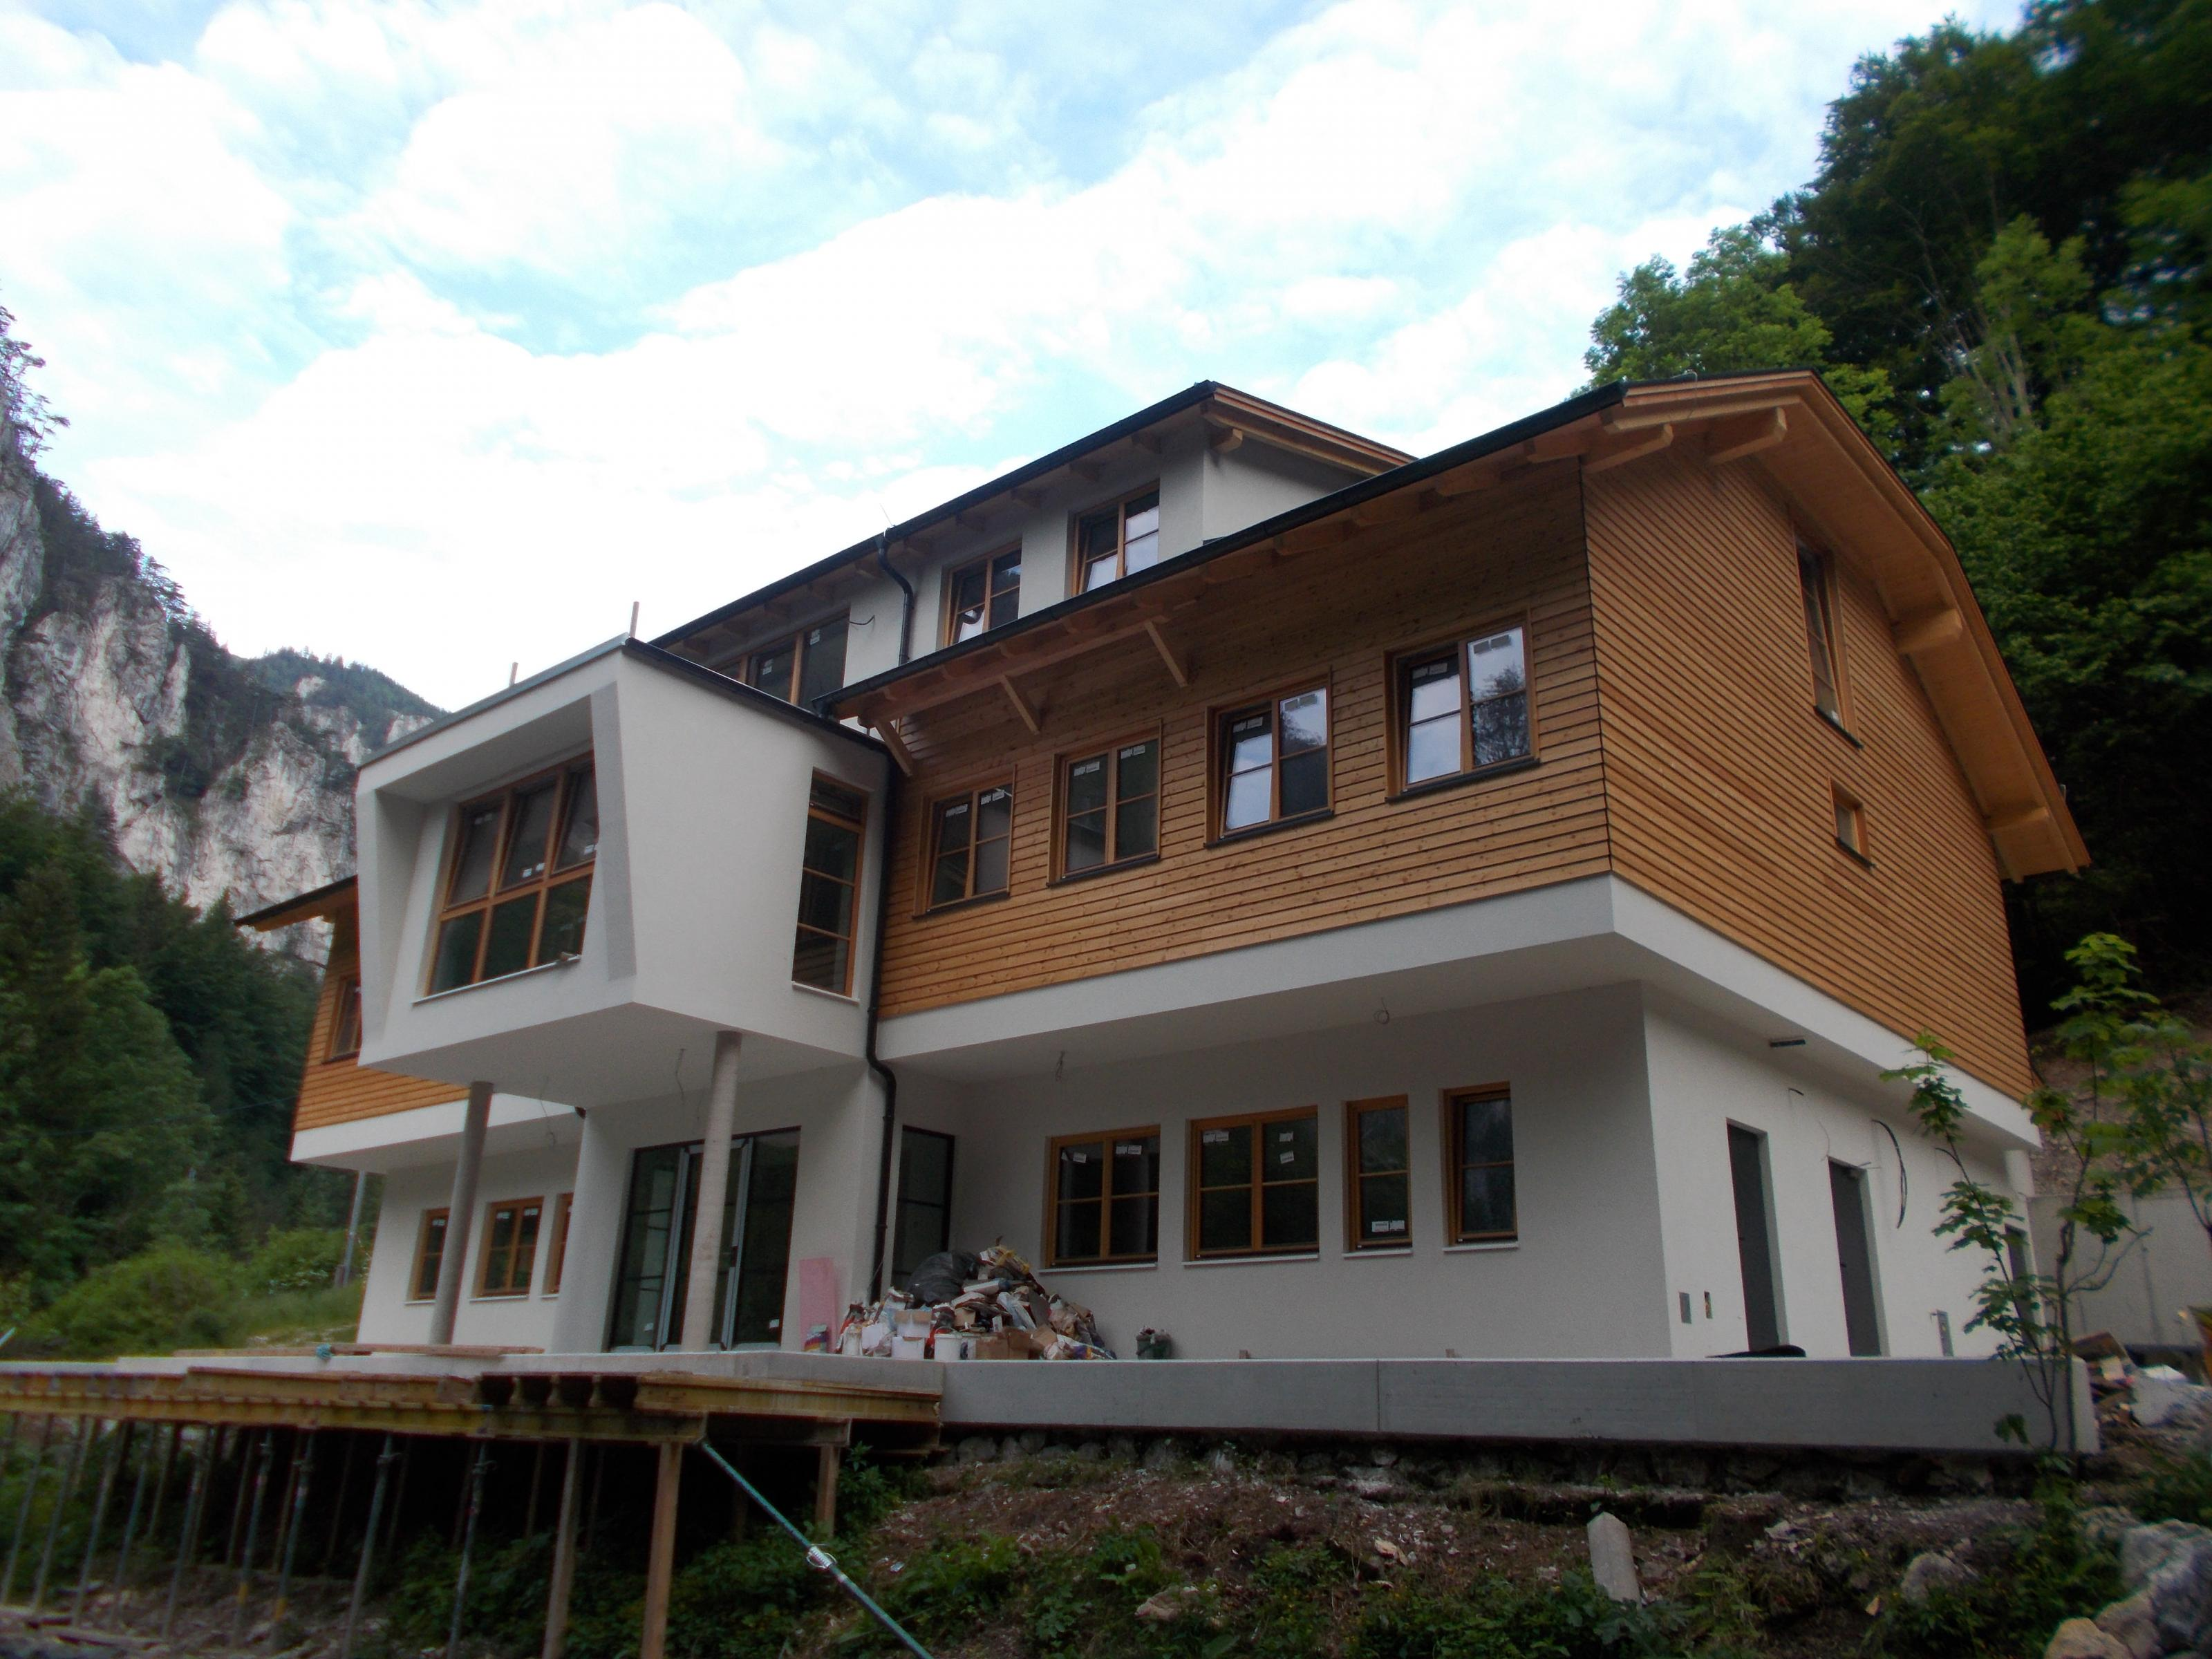 schneeberg-weichtalklamm-stadelwand-006.jpg